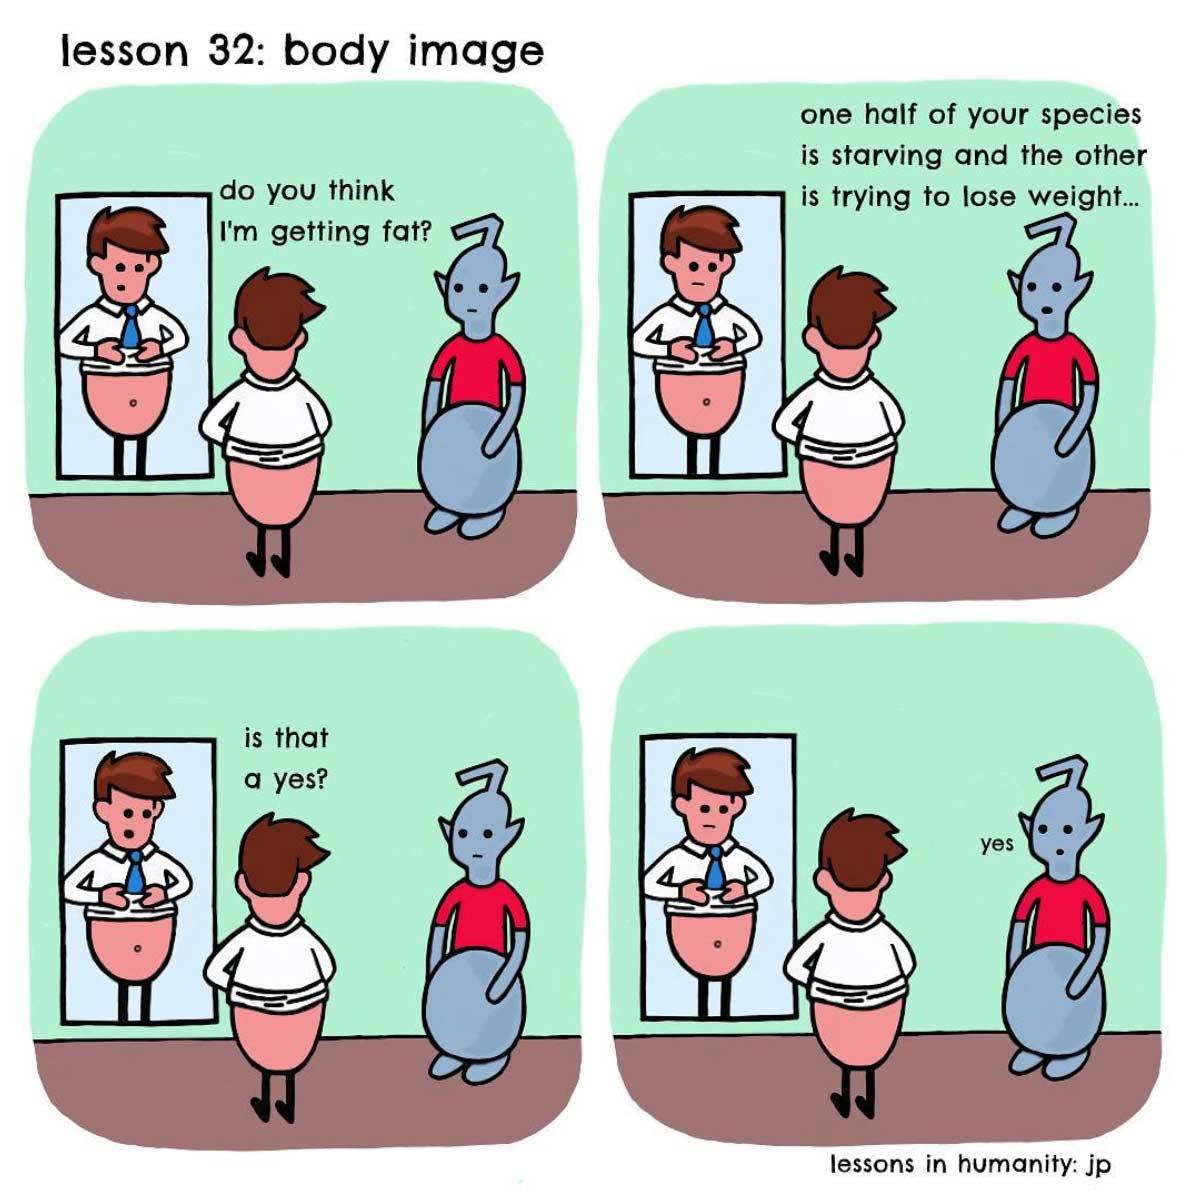 Einem Alien menschliches Verhalten erklären lessons-in-humanity-webcomic_02